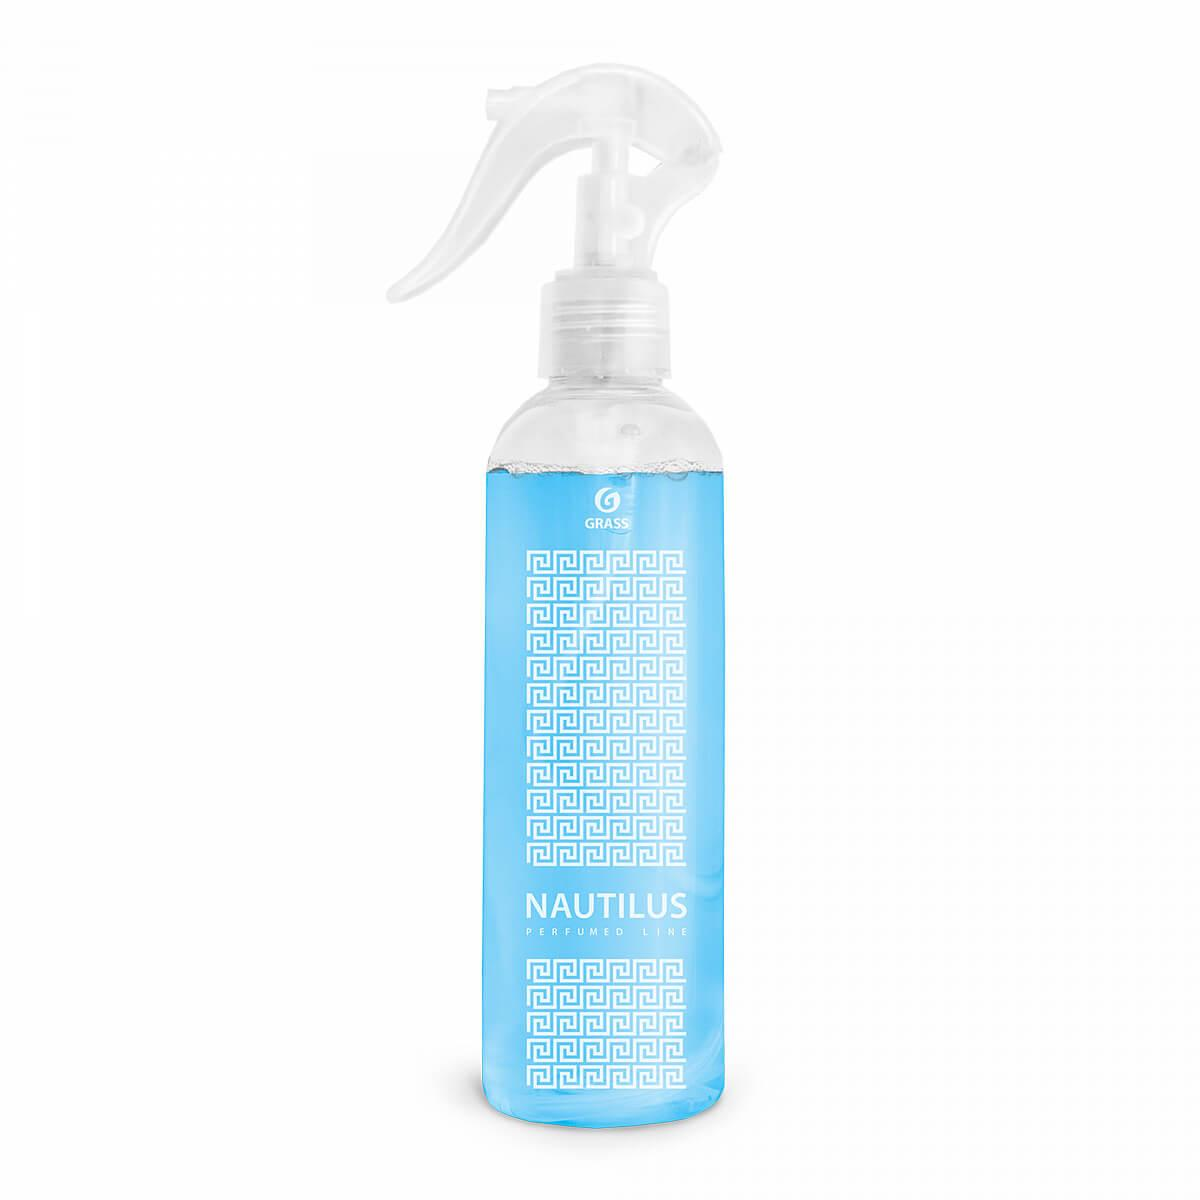 """Жидкое ароматизирующее средство с ароматом """"Nautilus"""", Grass, 250ml"""